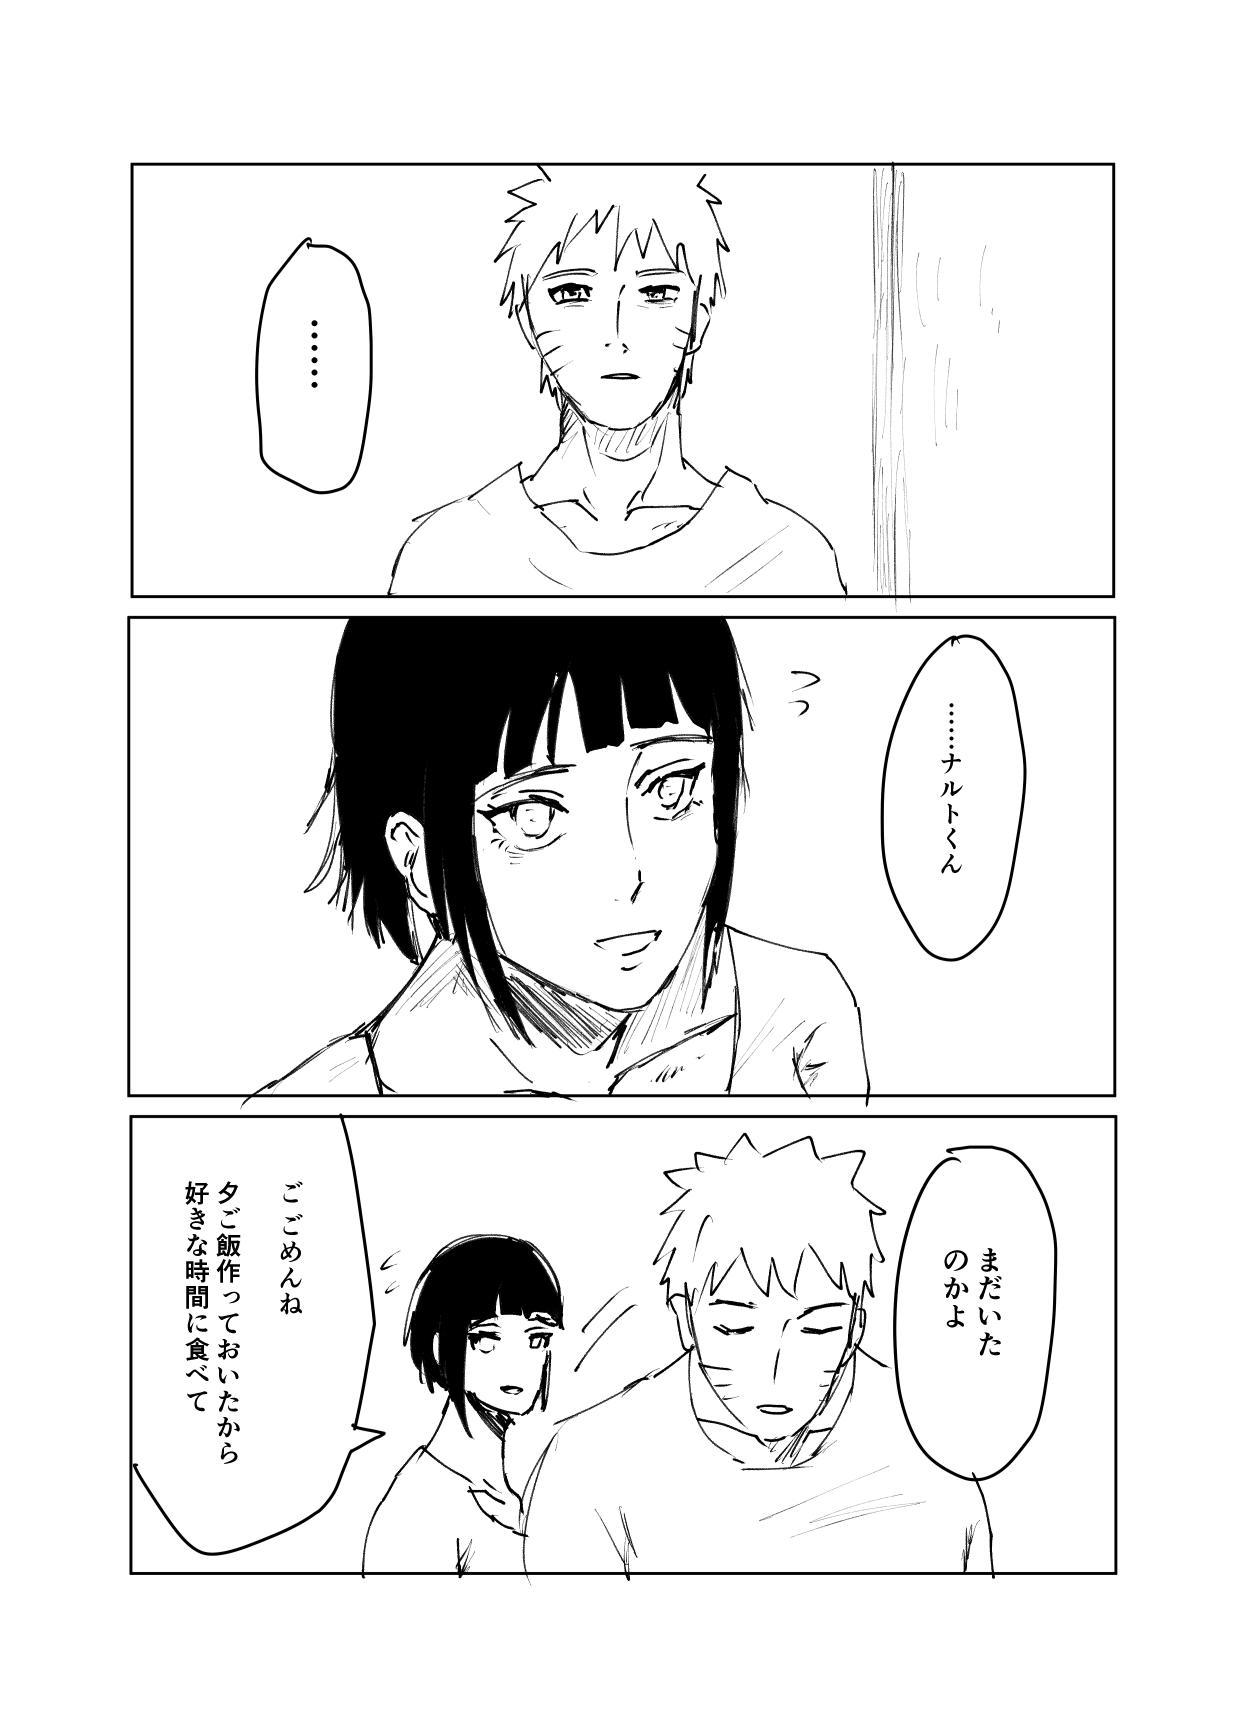 嘘告白漫画 91